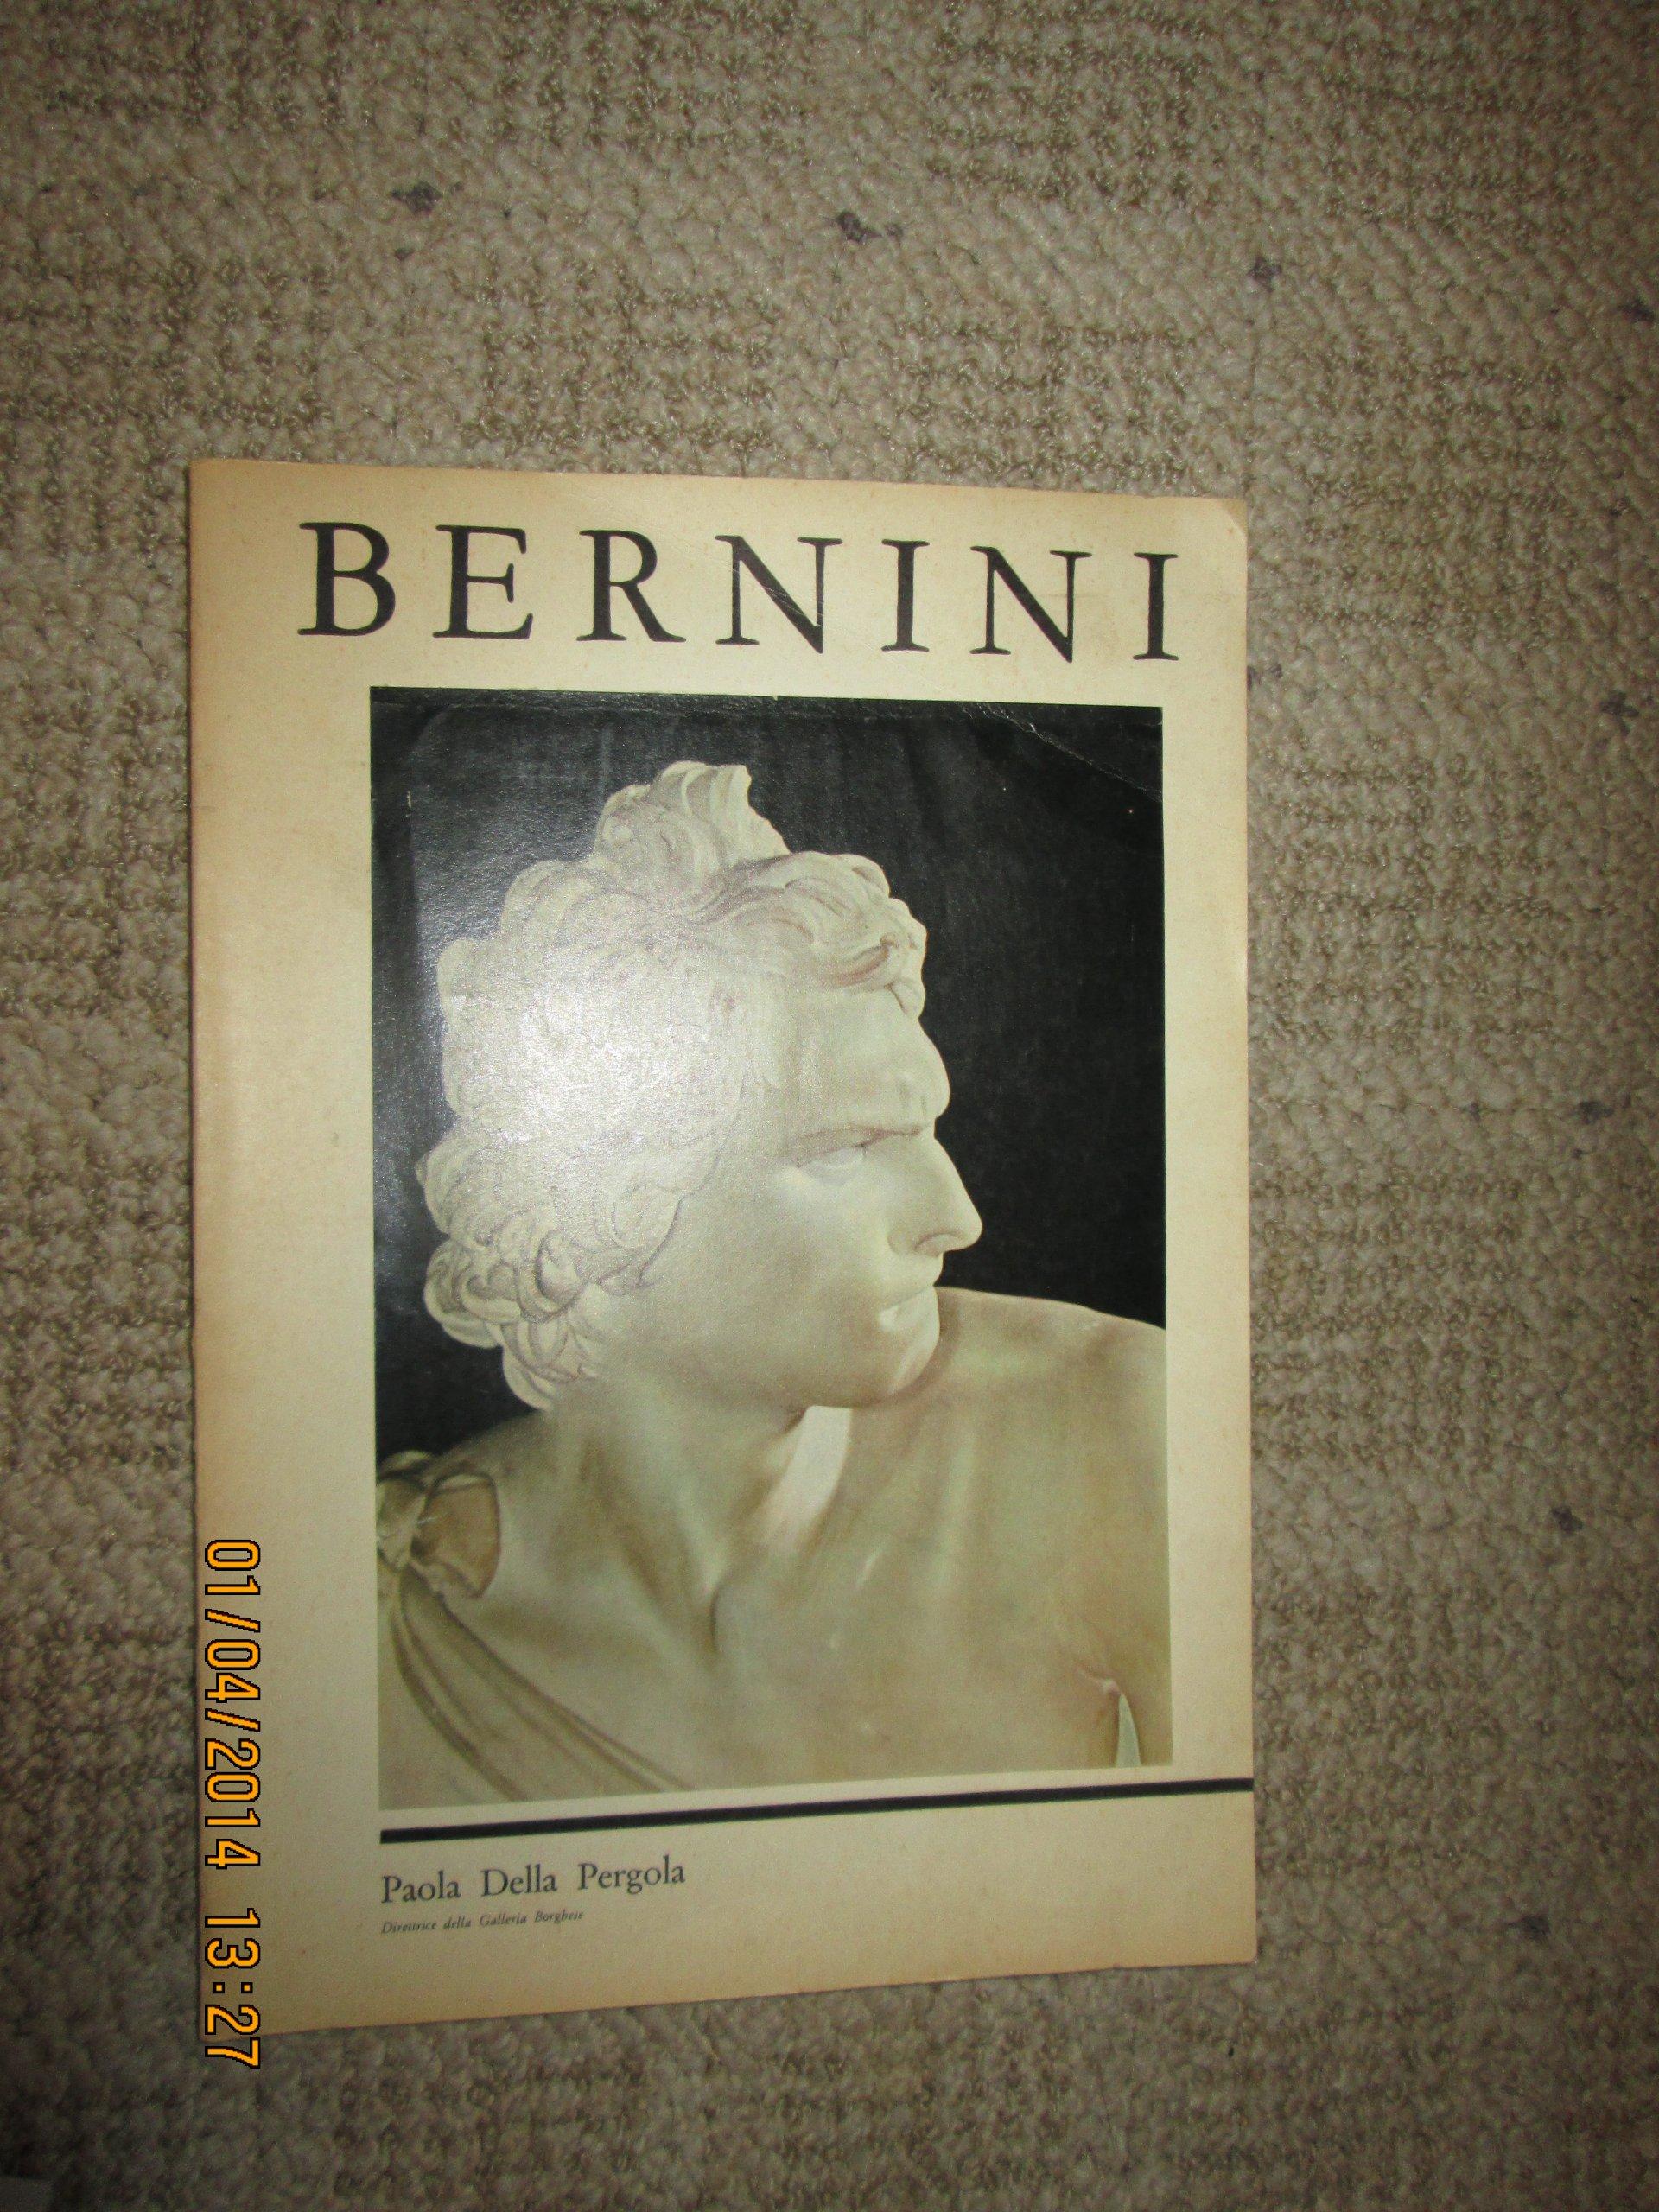 BERNINI: Amazon.es: Paola Della Pergola: Libros